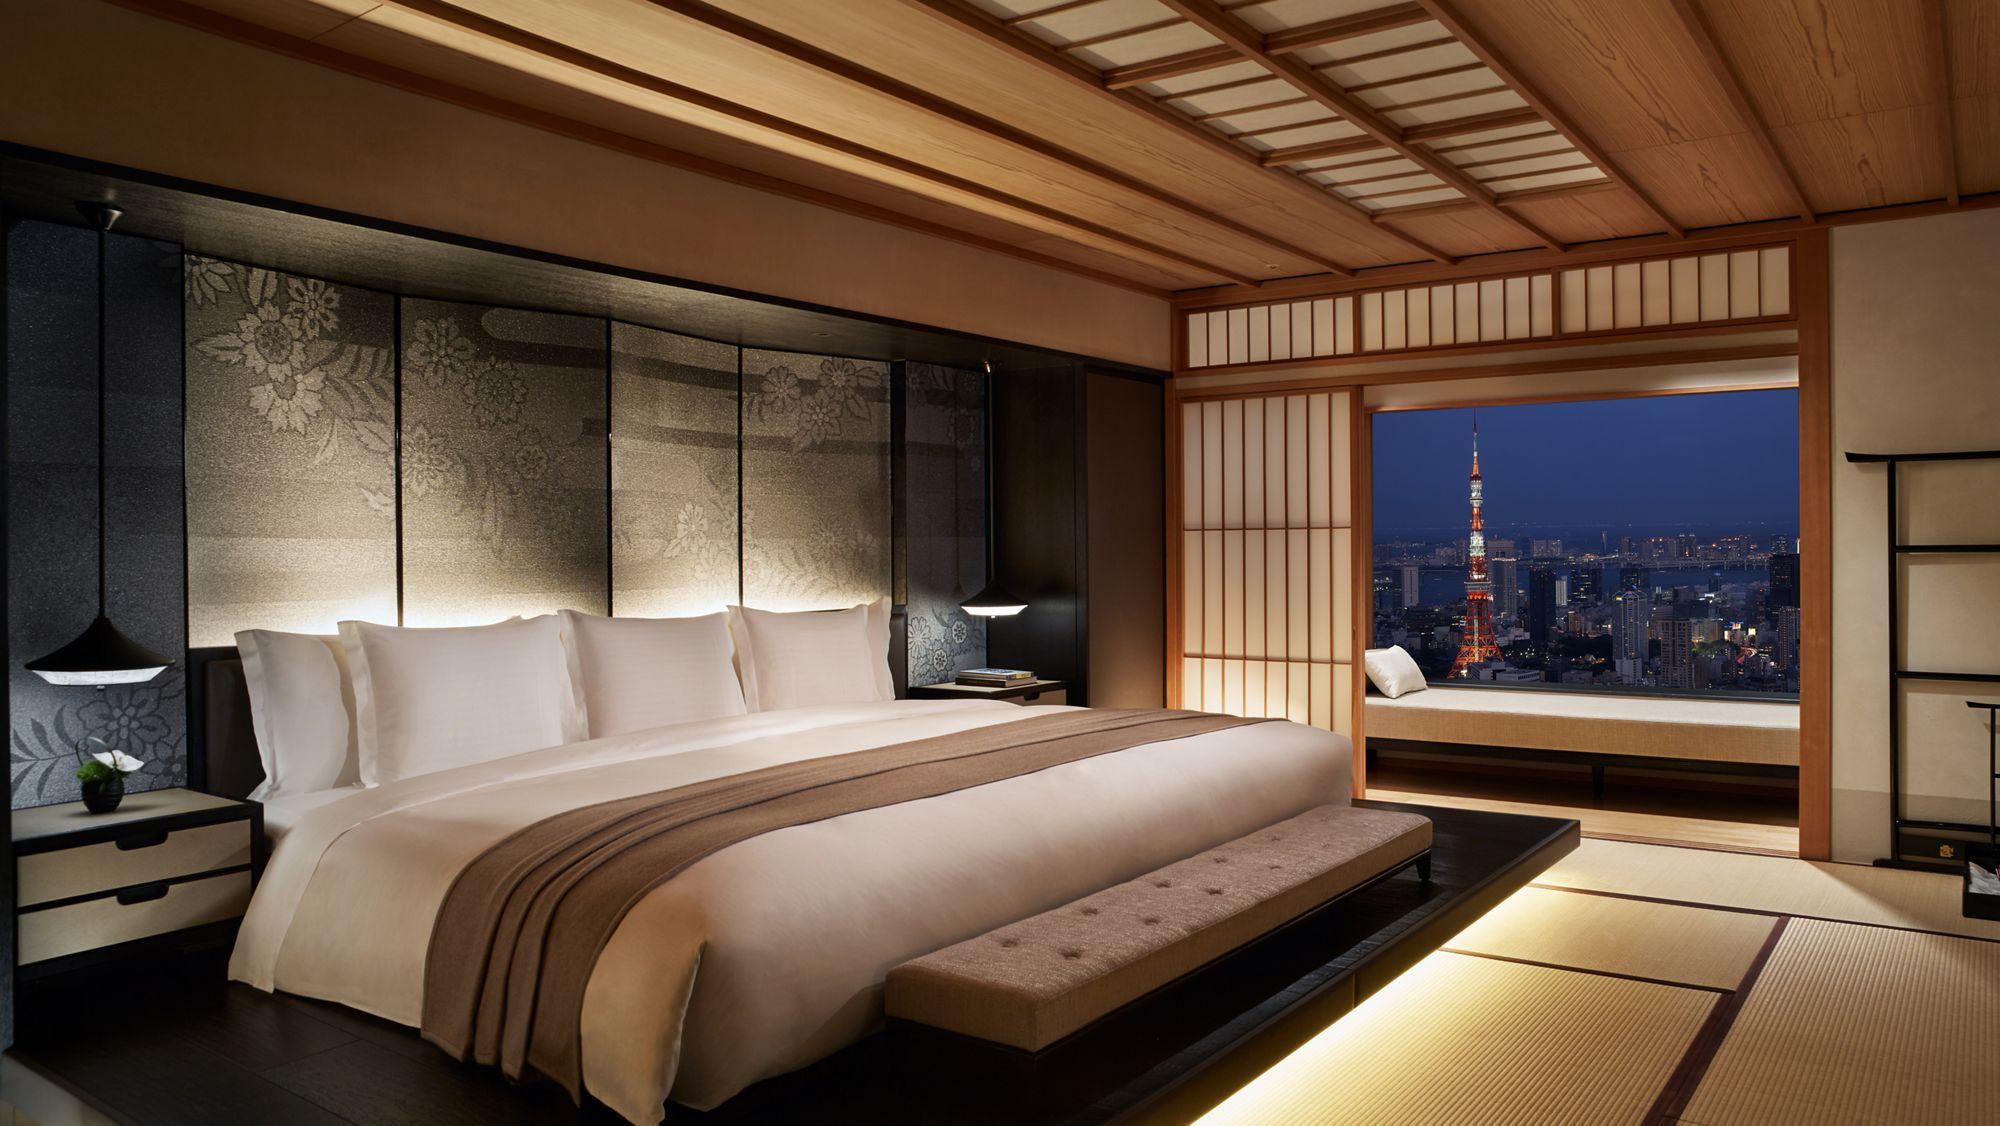 Comment Installer Panneau Japonais transformer sa chambre en chambre traditionnelle japonaise.